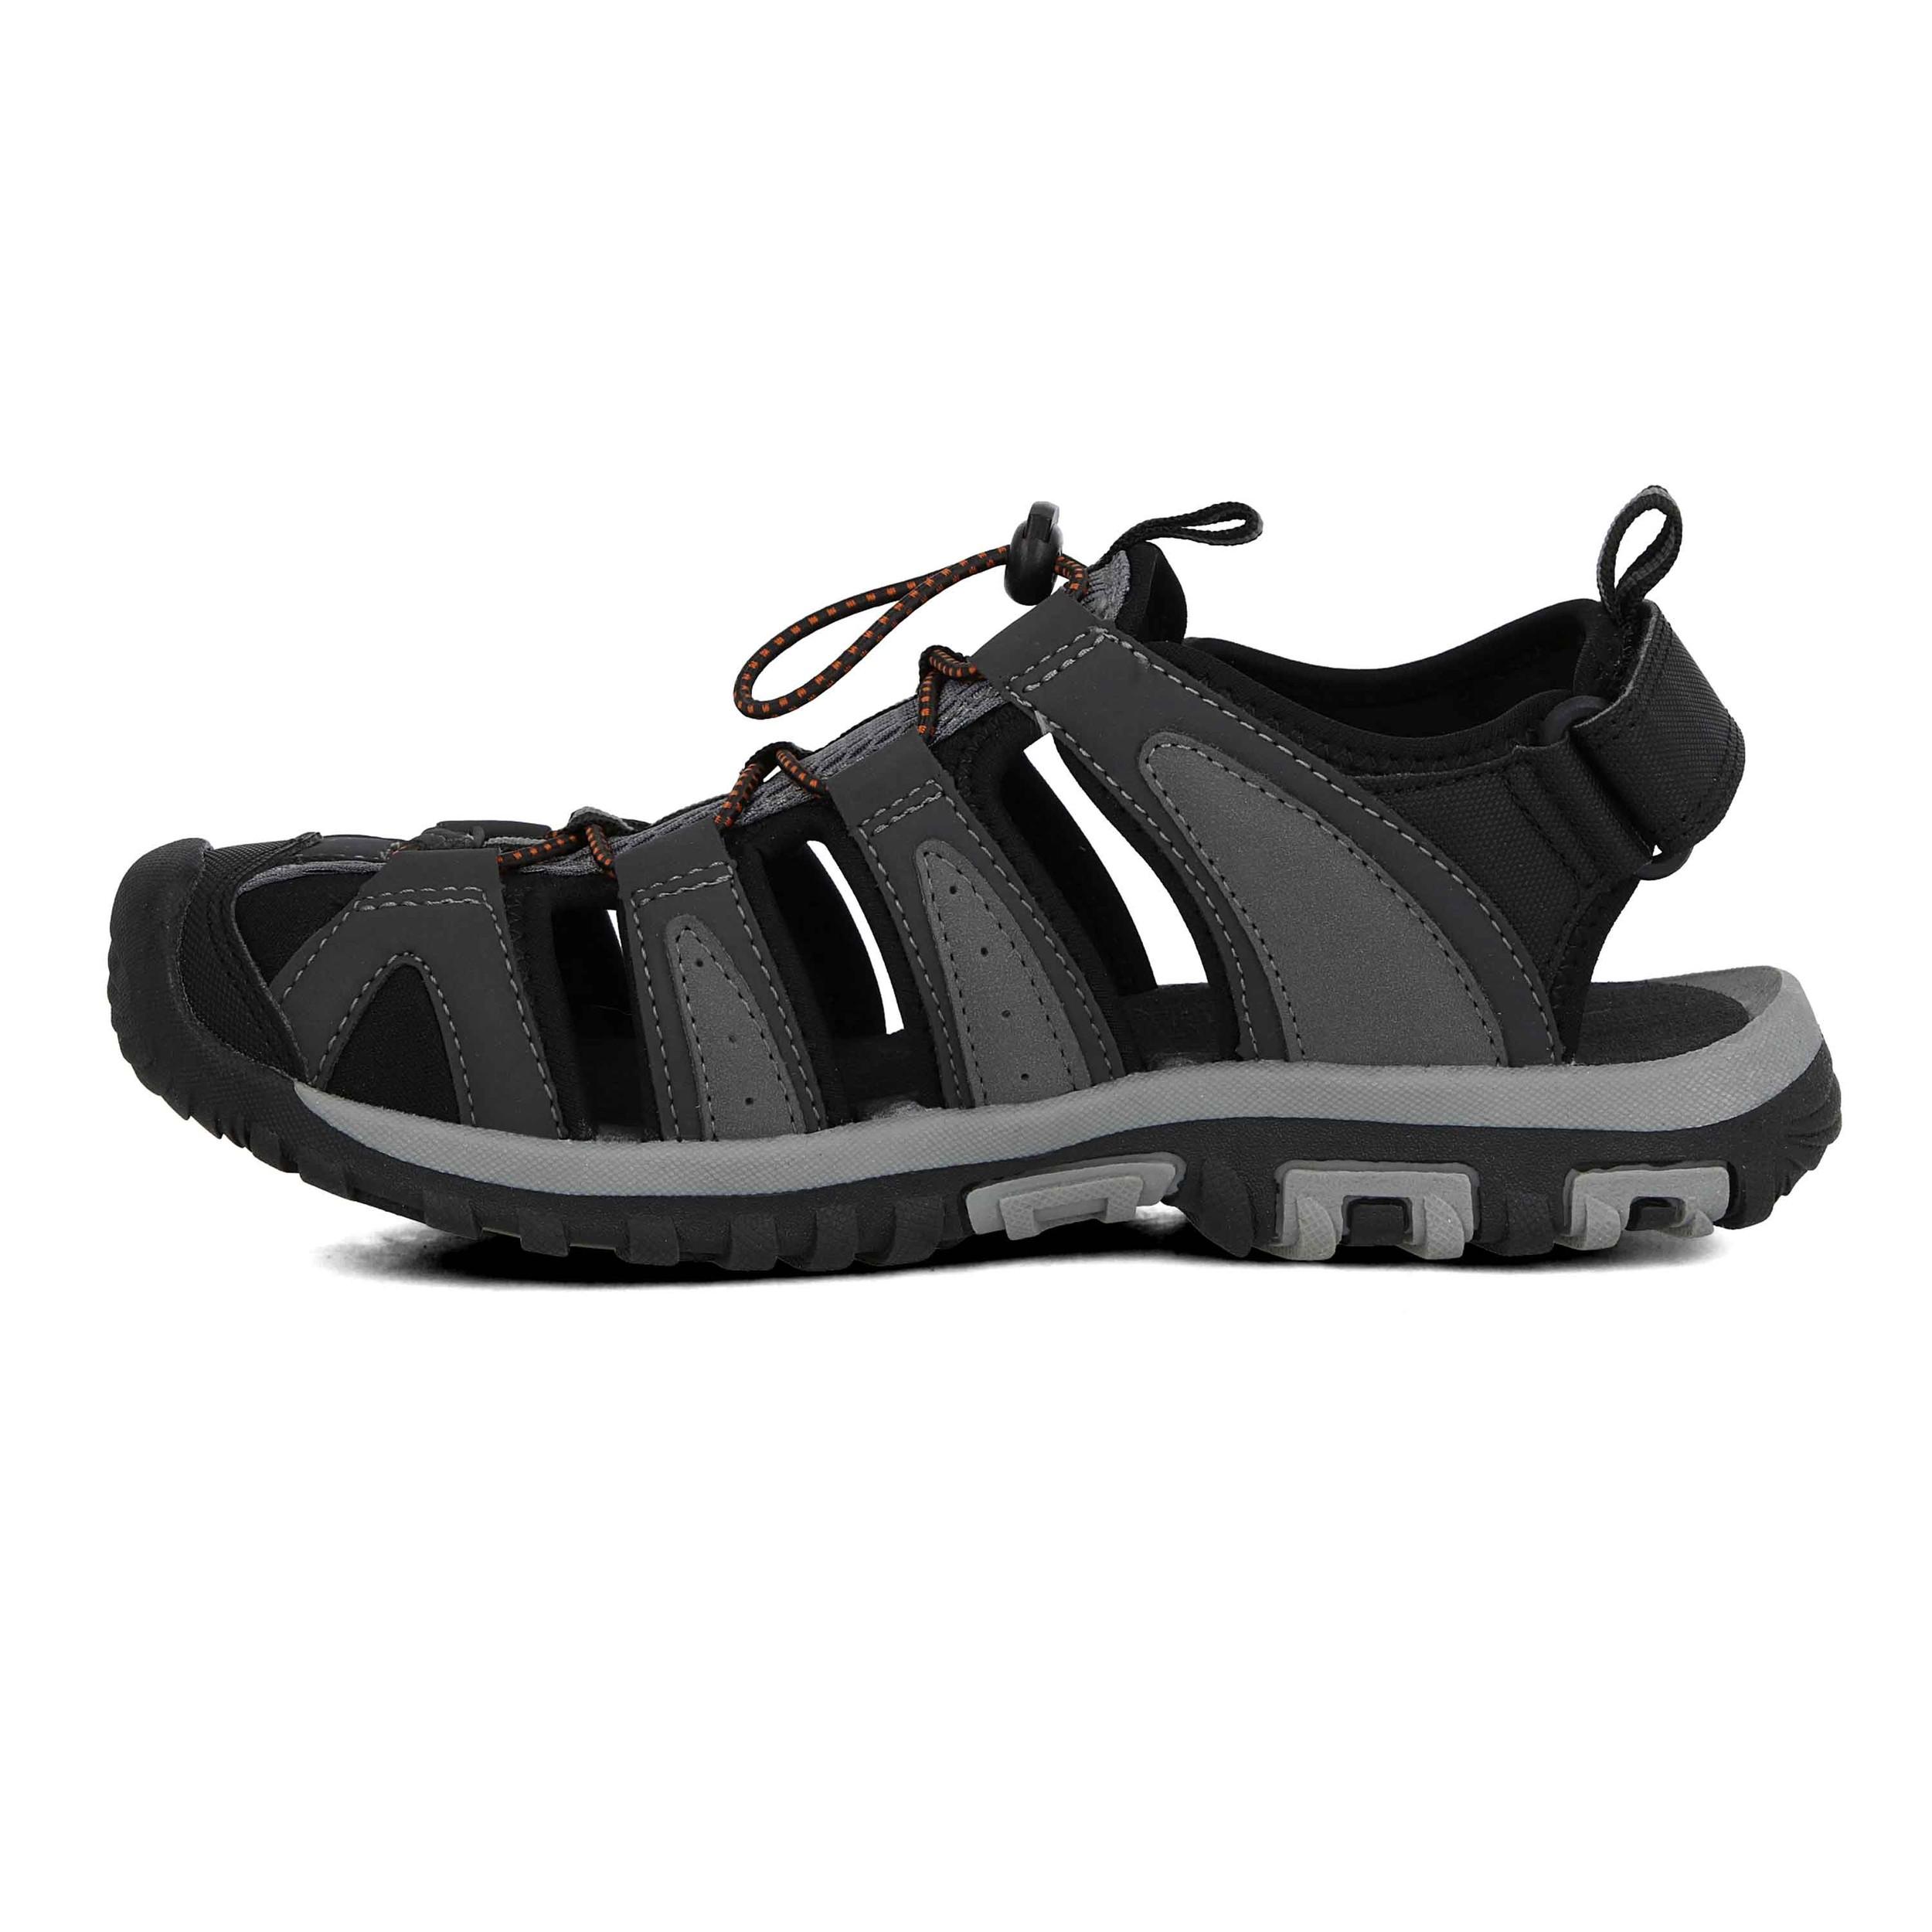 Grey Sports Outdoors Breathable Hi-Tec Mens Cove Breeze Walking Shoes Sandals